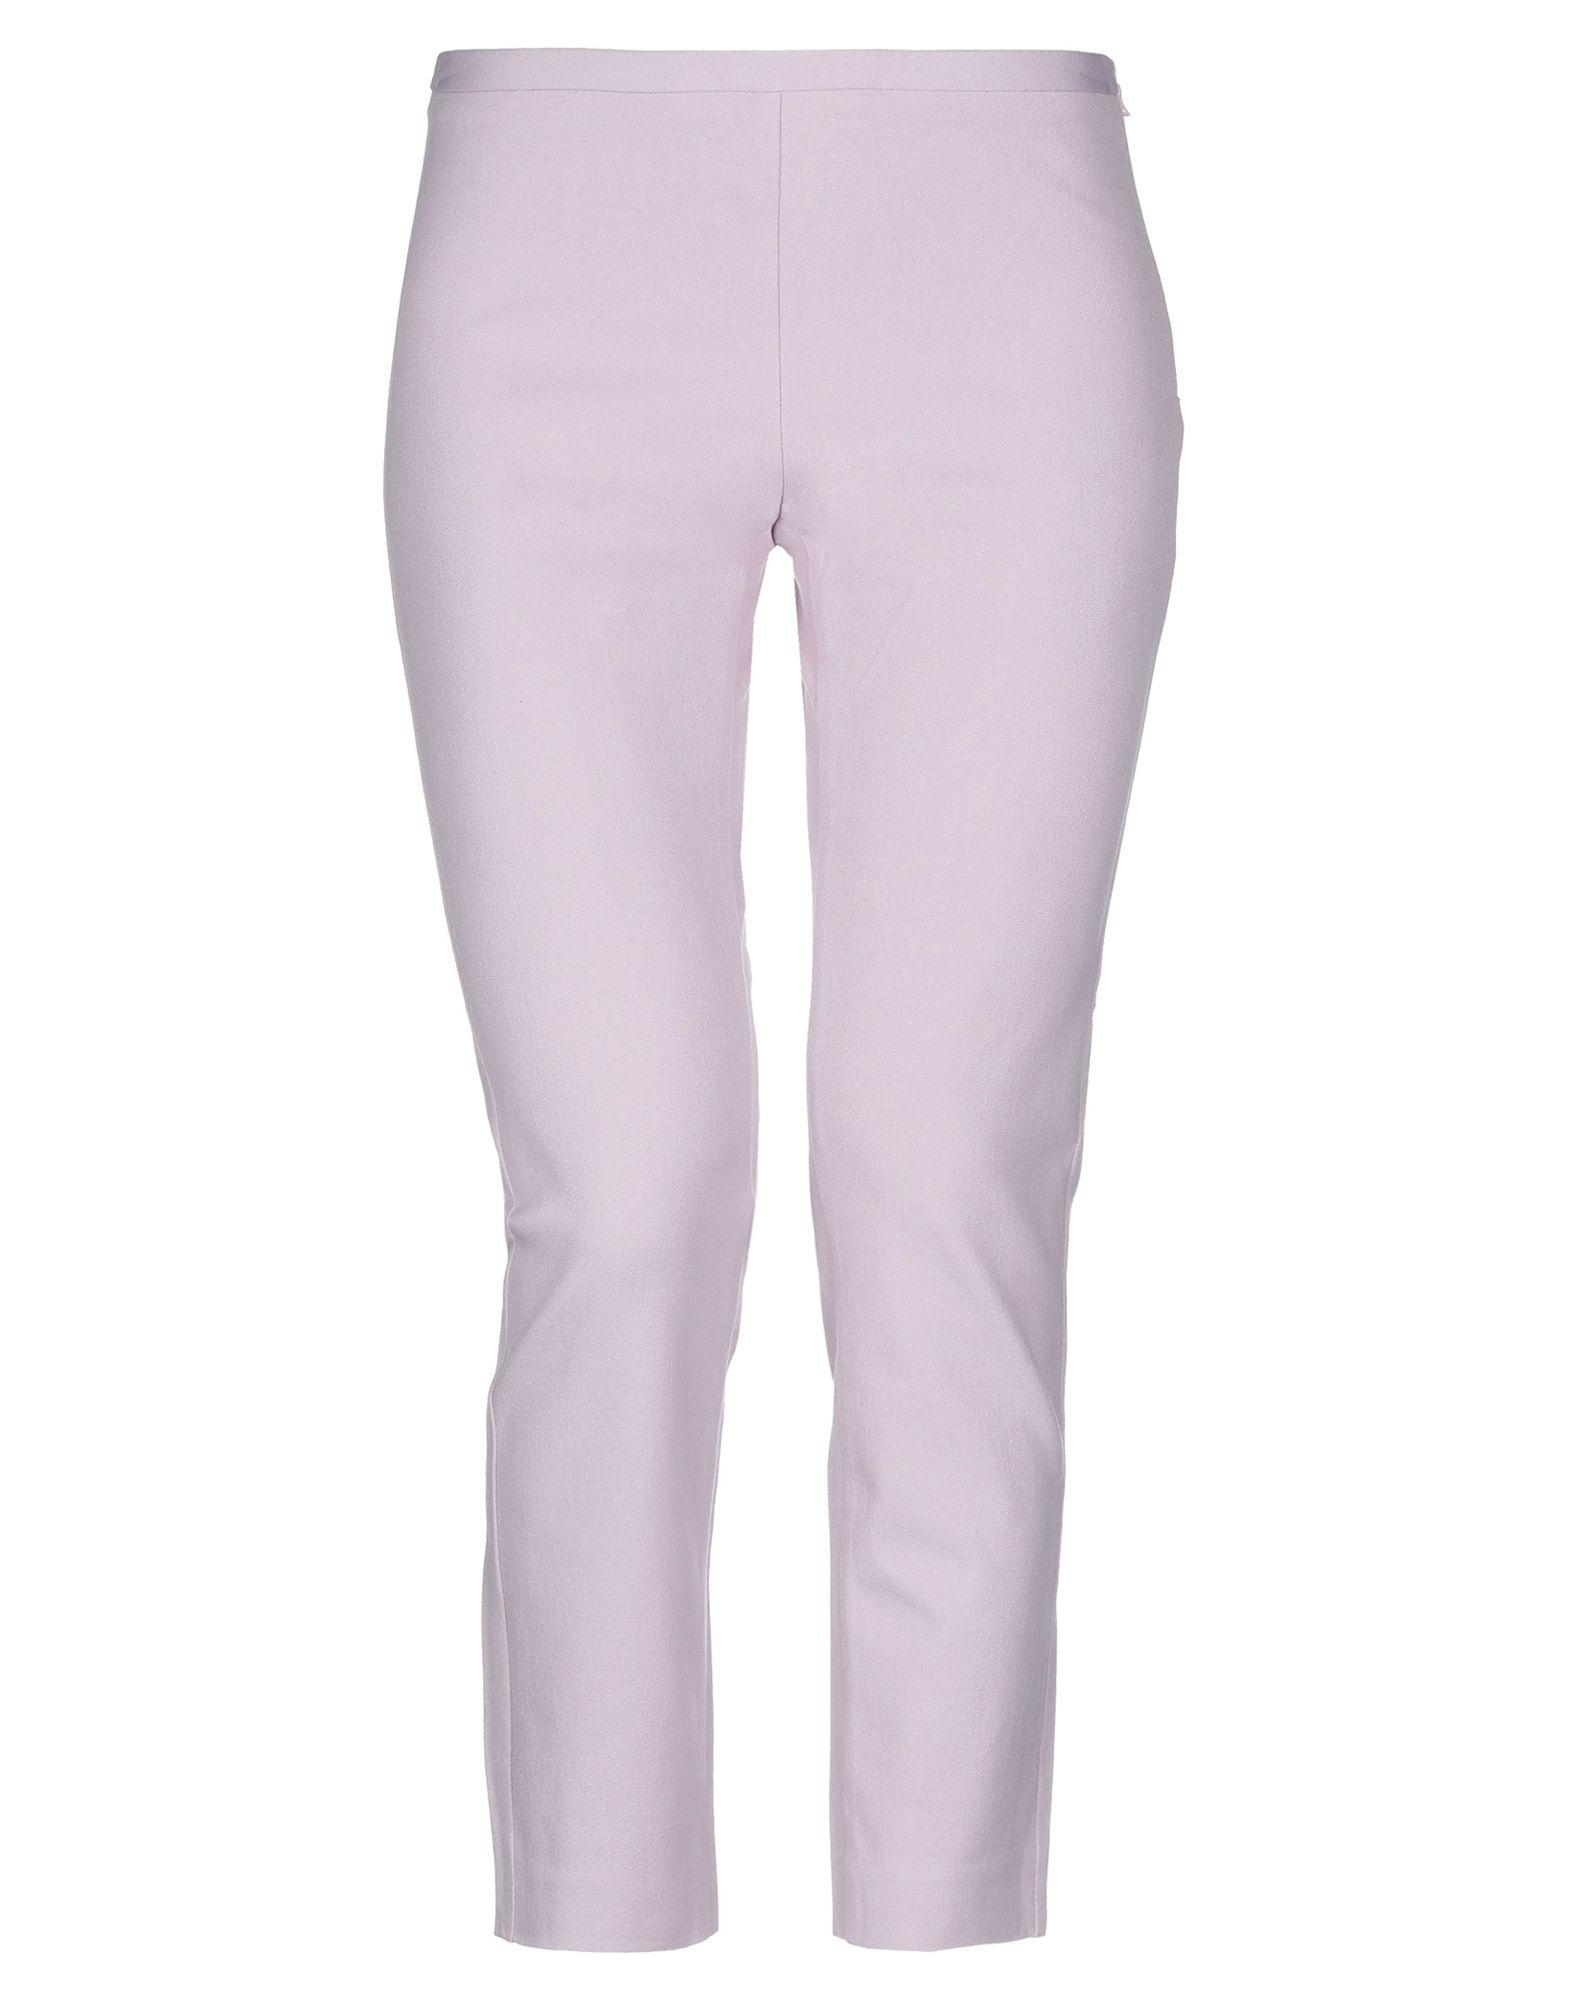 Pantalone Taperot Joseph damen - 13302227GJ